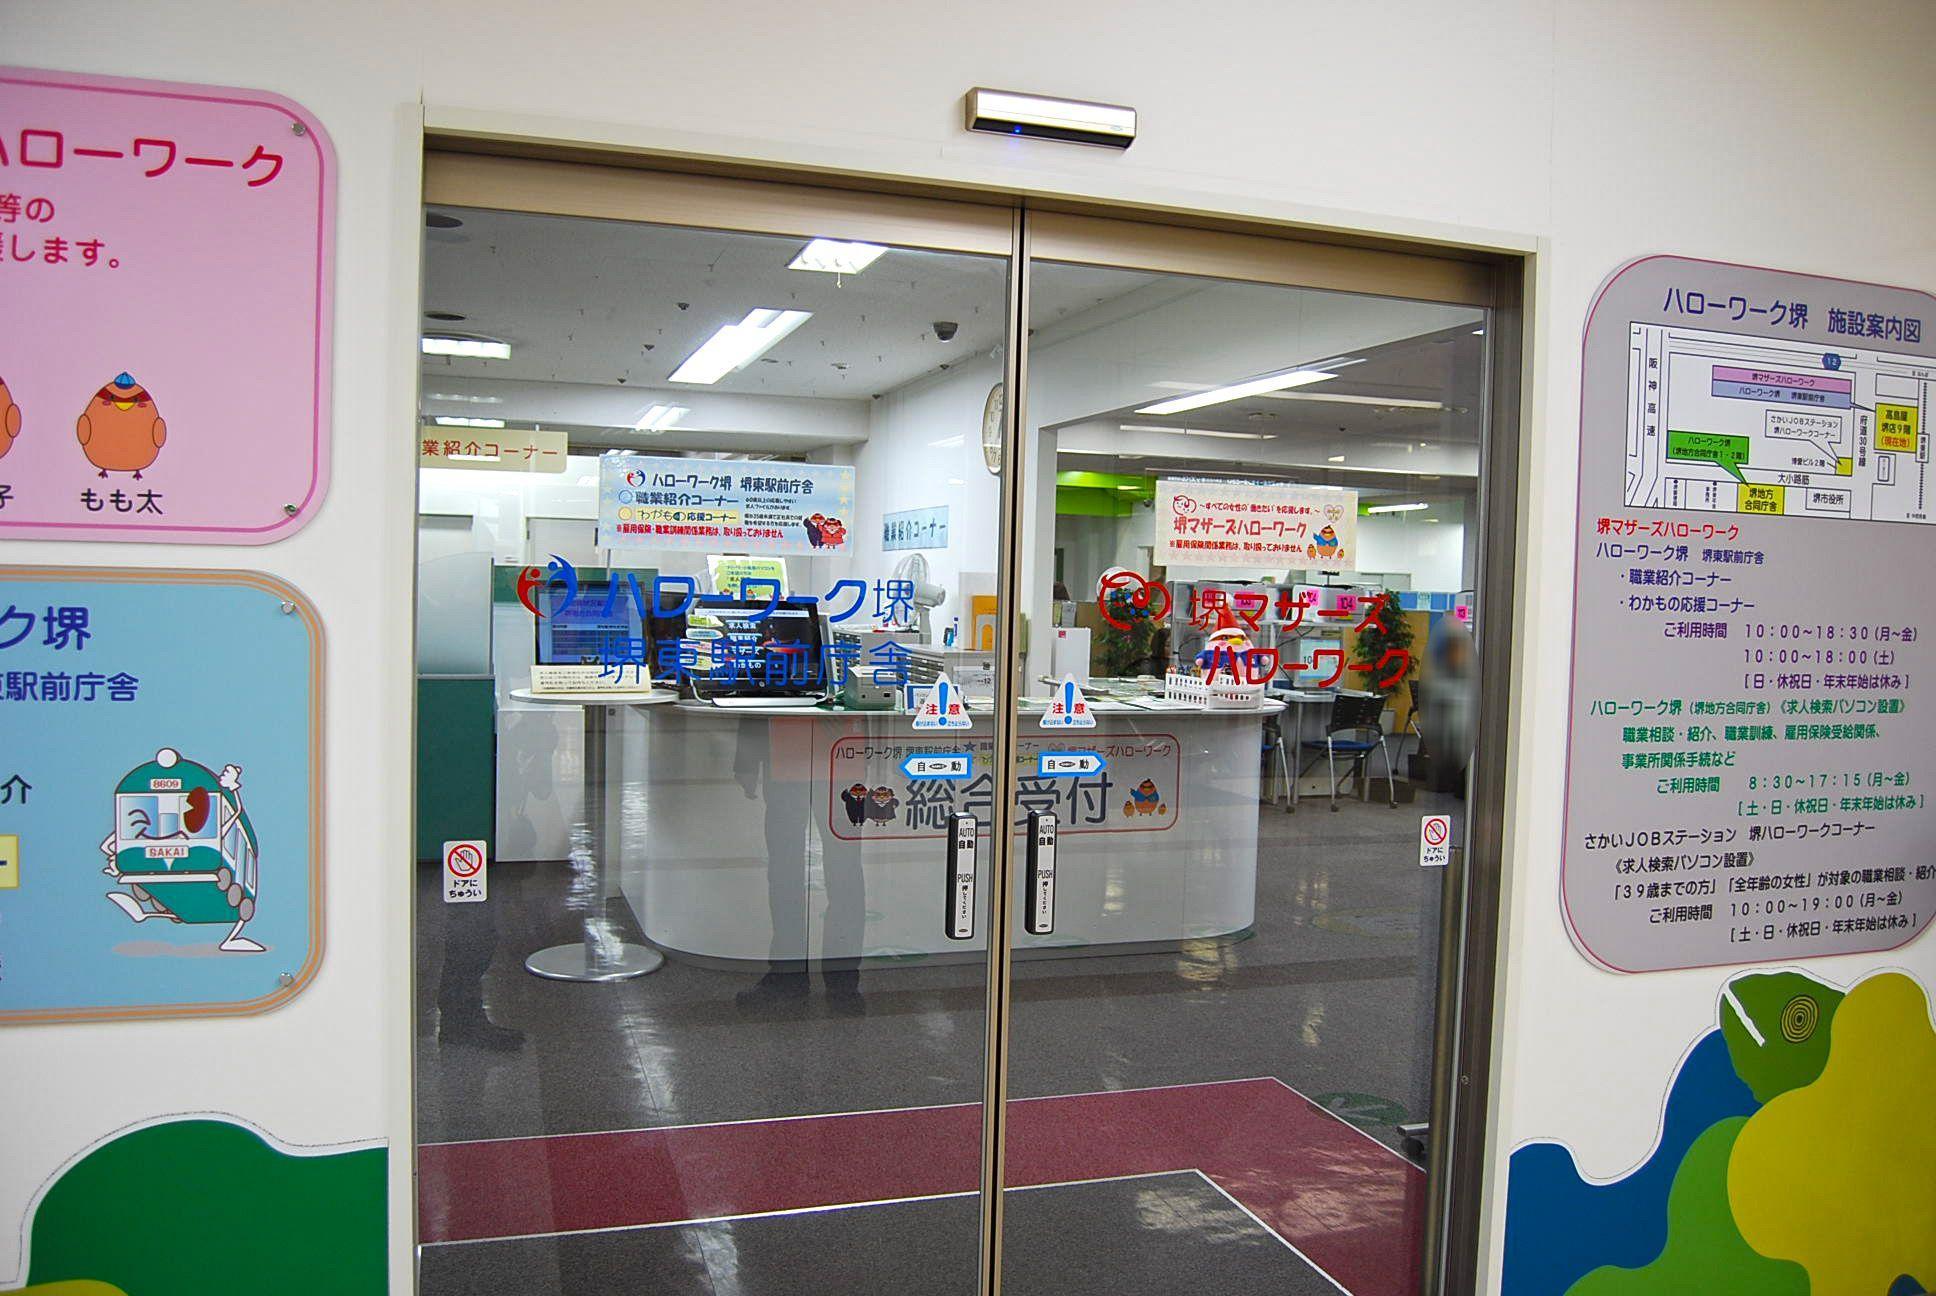 マザーズハローワークの入り口。入ってすぐに総合受付があるので、非常に利用しやすい。